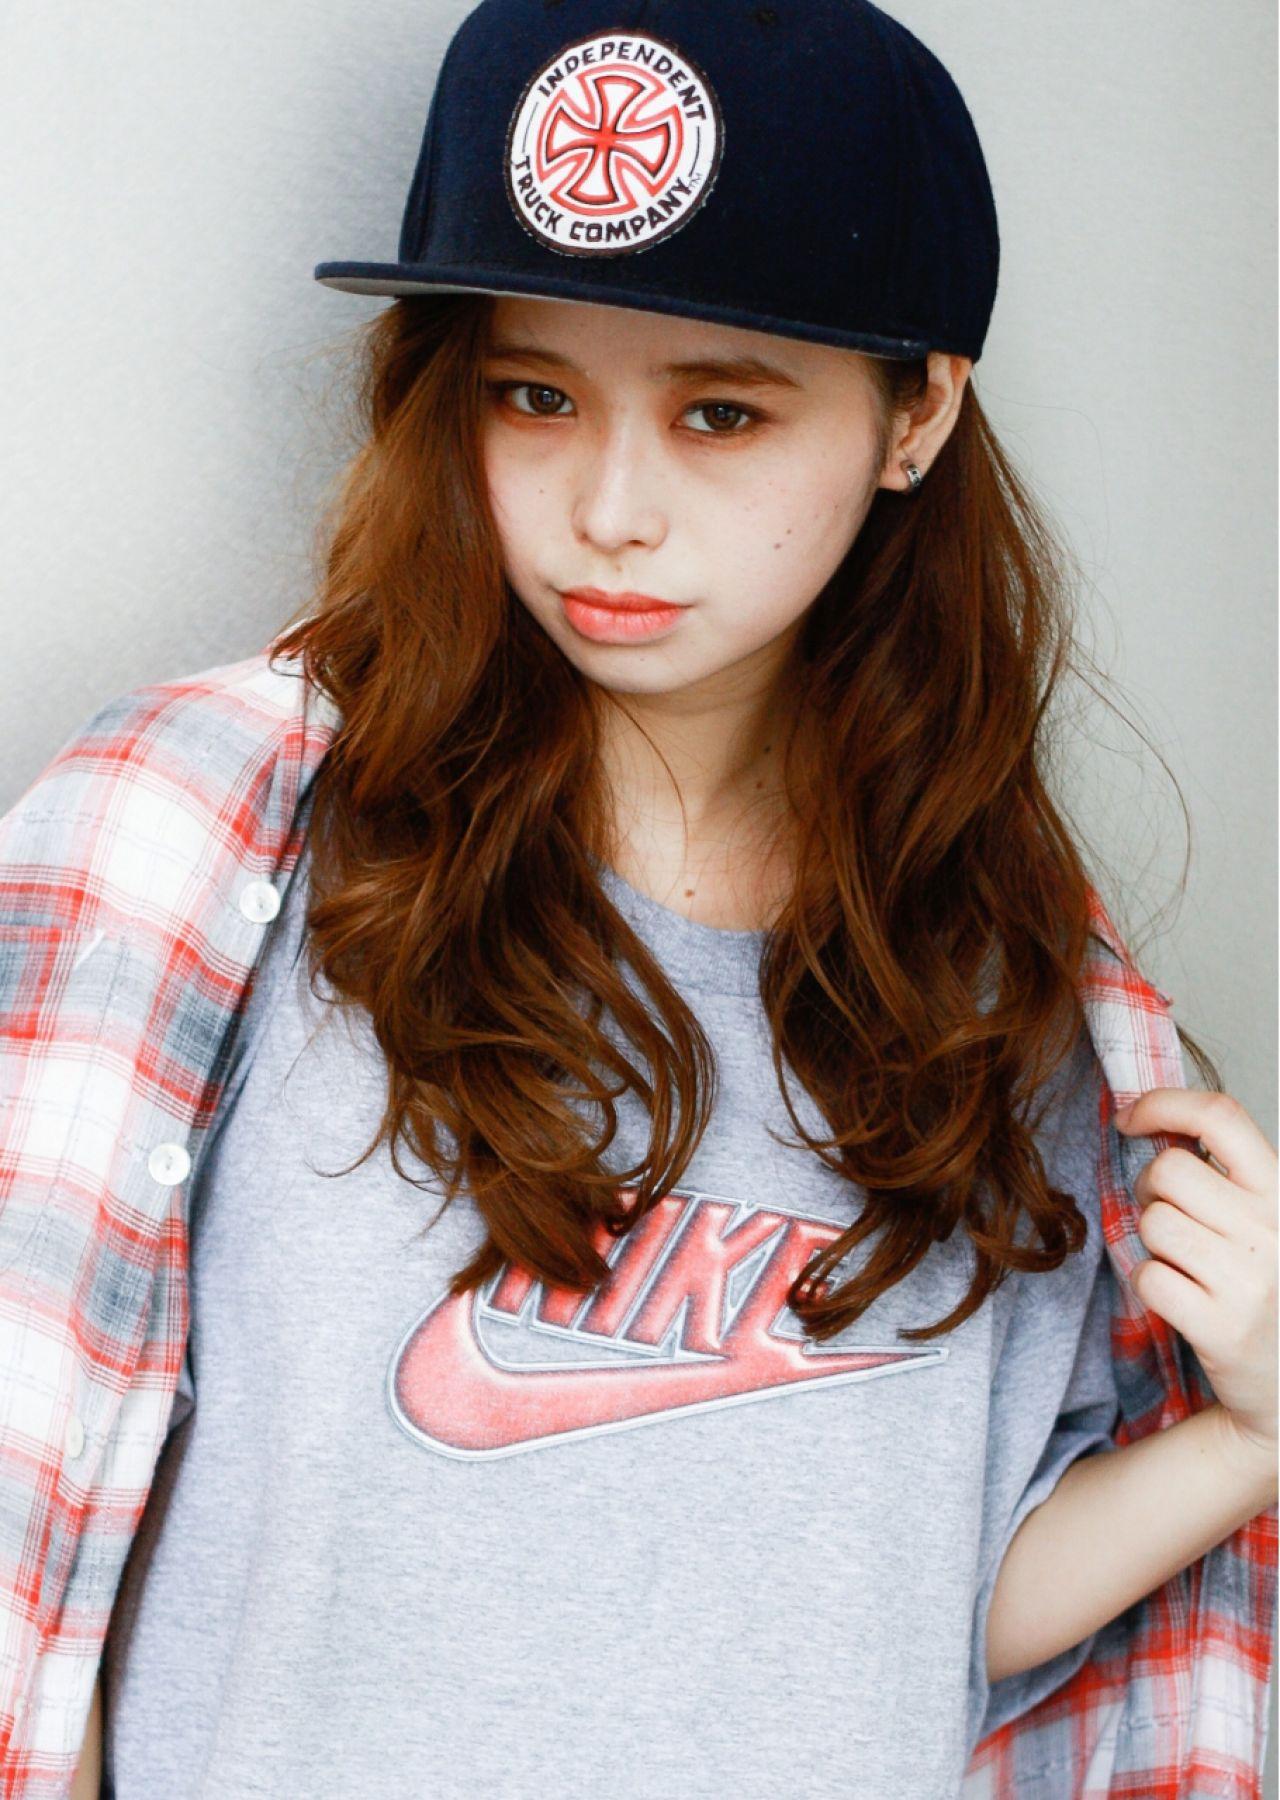 【髪型別】女子のためのキャップのかぶり方♡前髪・お団子・巻き髪…使えるtips集 山田 大夢